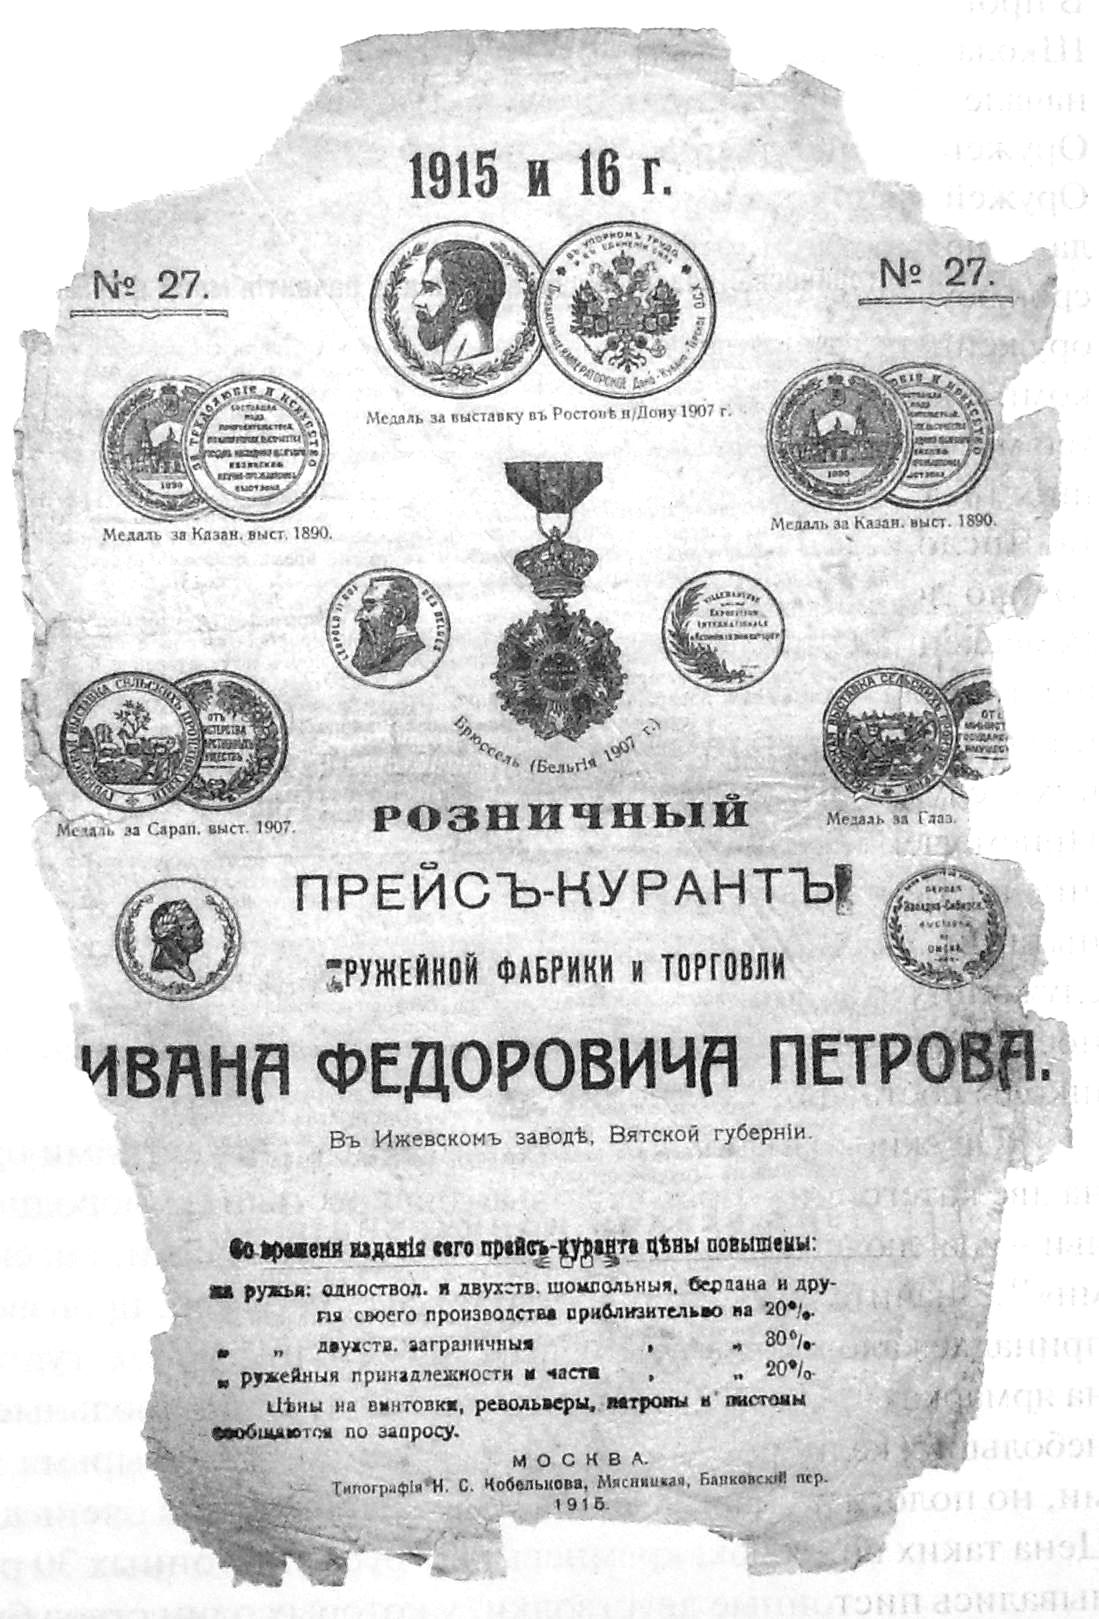 Розничный прейскурант. Оружейник Петров И Ф